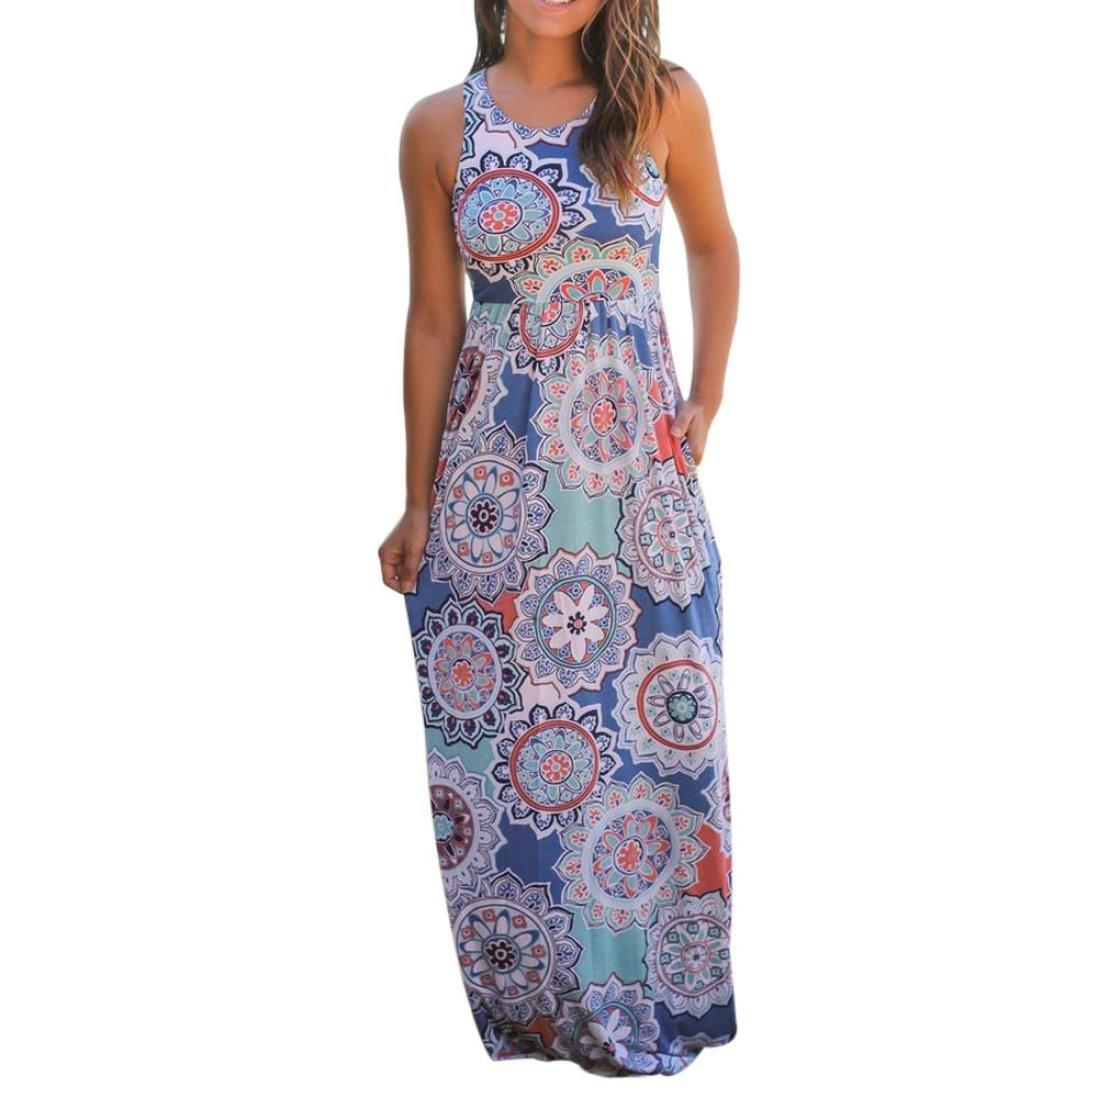 Bekleidung Longra❤️❤️ Kleider Damen, Frauen Ärmelloses Sommerkleid Strandkleider Blumenmuster Lang Maxi Kleid mit Taschen